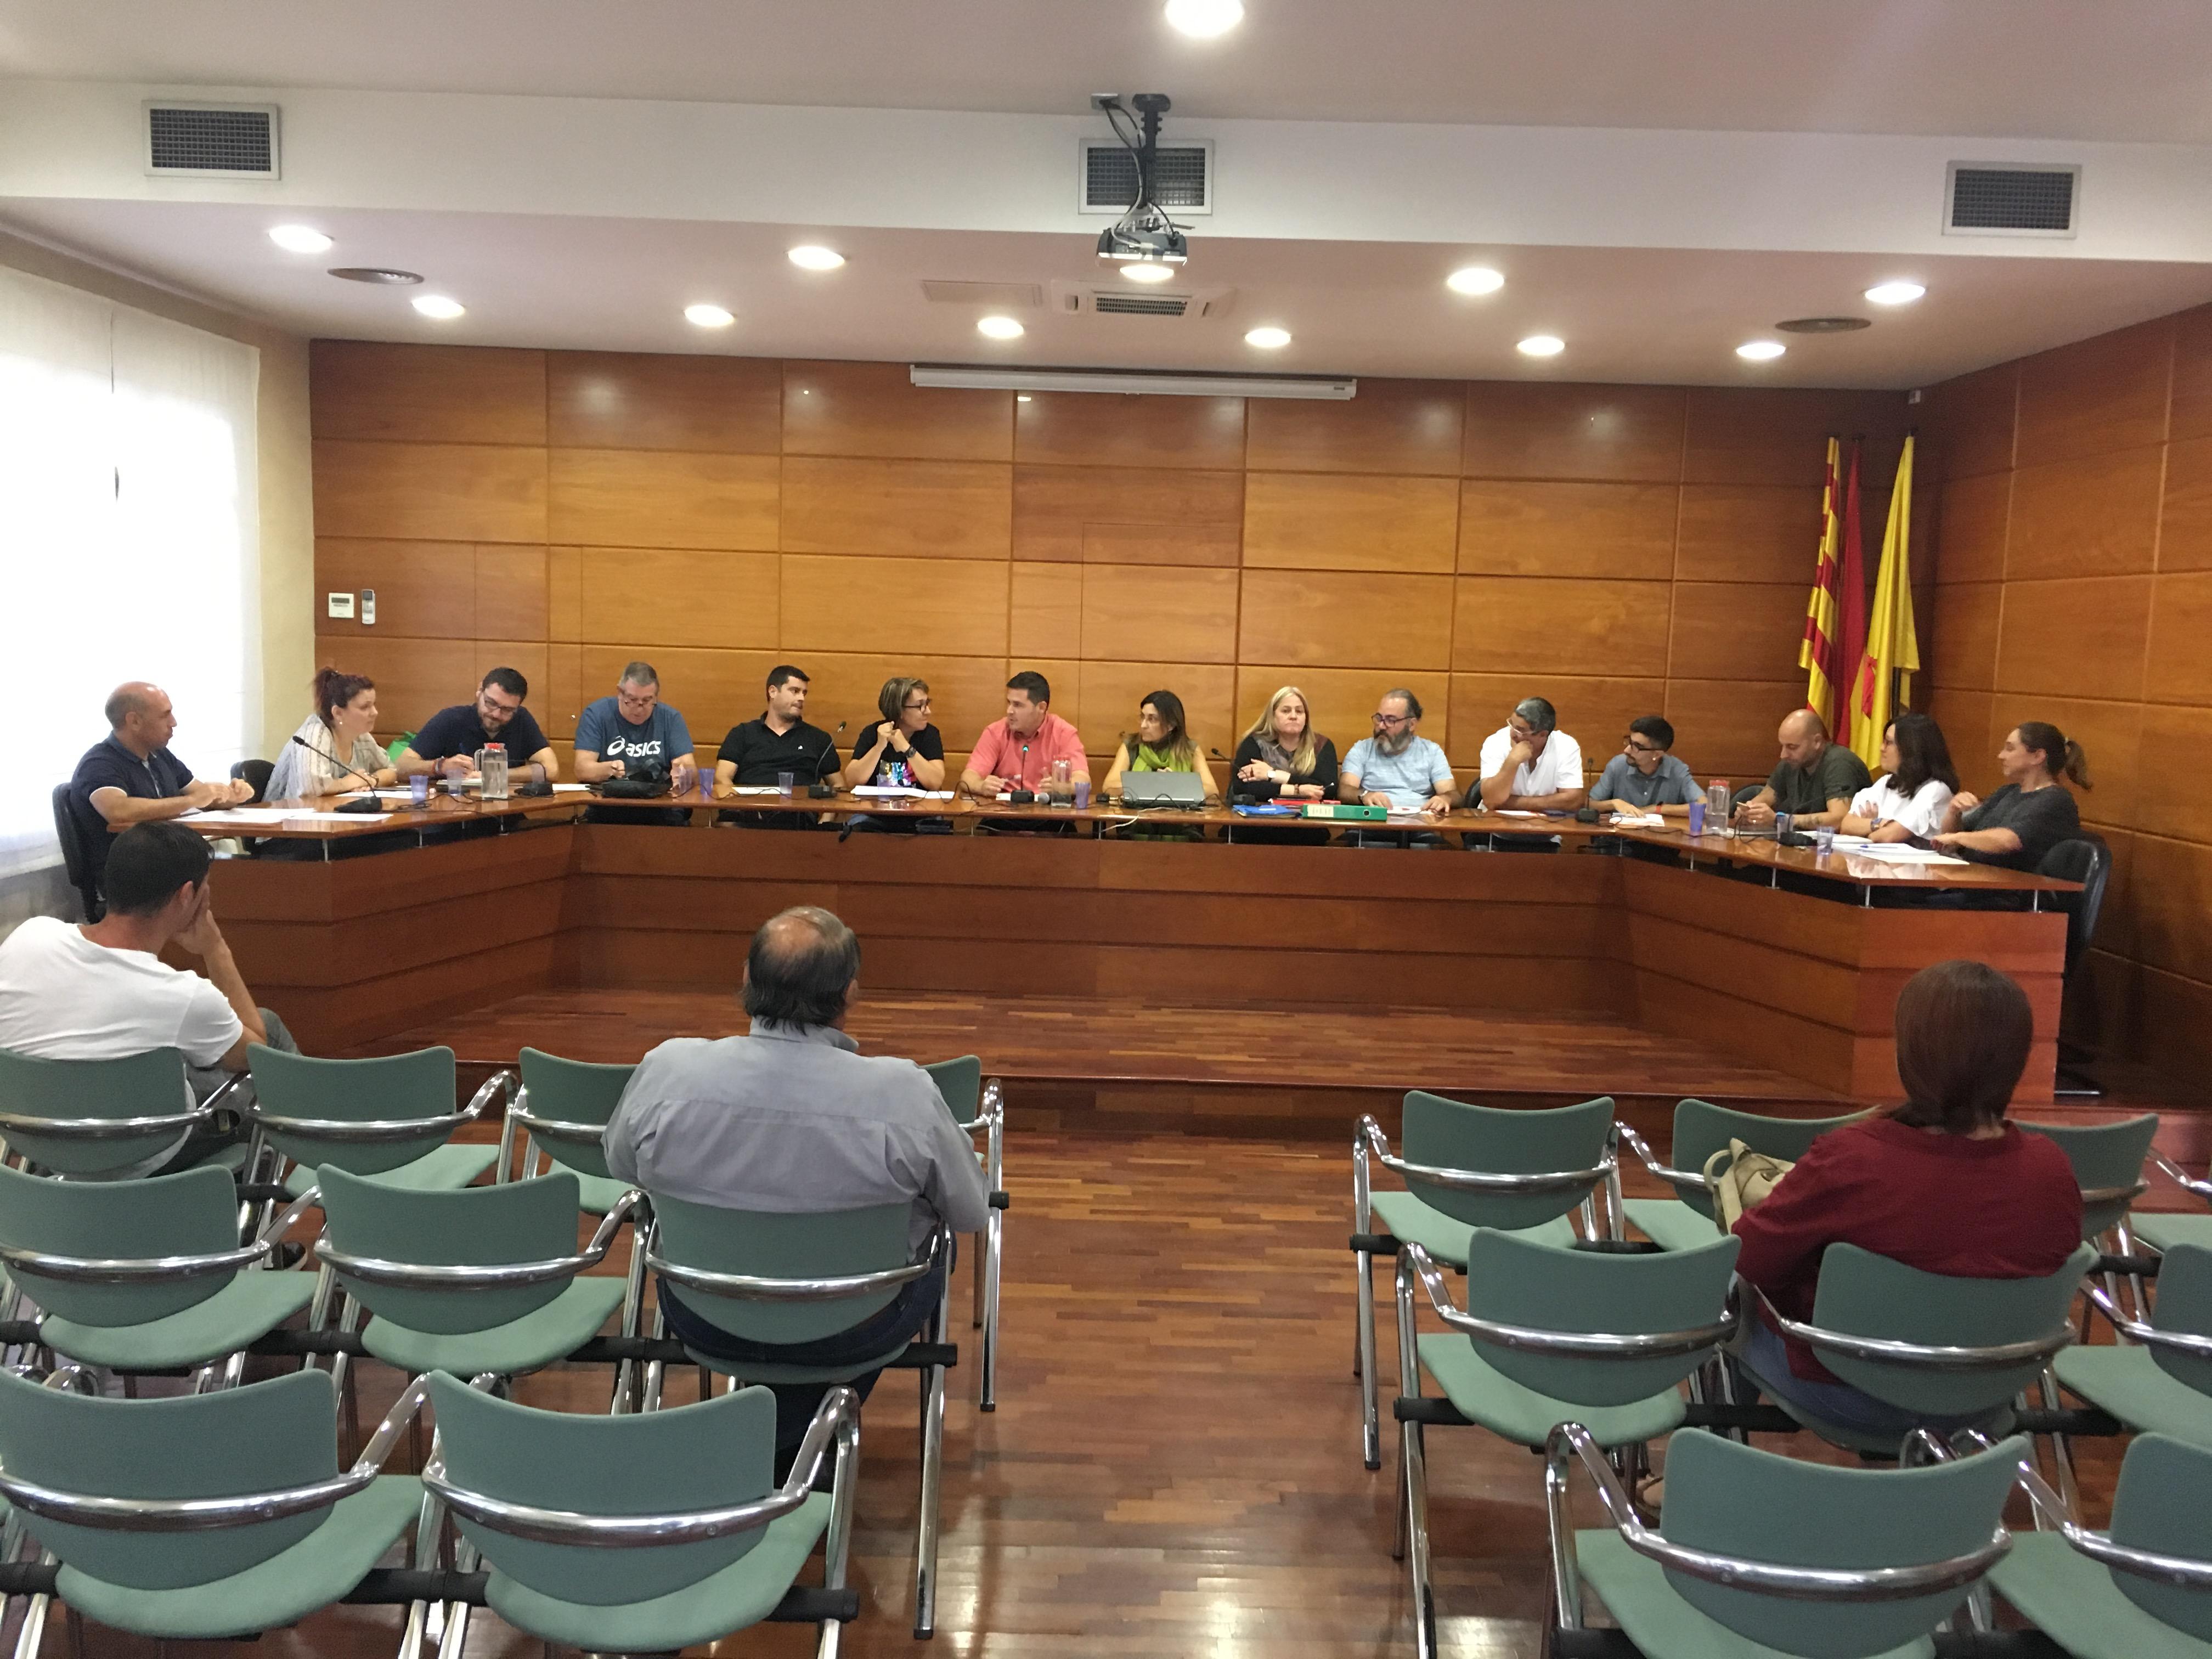 El Ple aprova una moció contra l'explotació sexual i el tràfic de persones